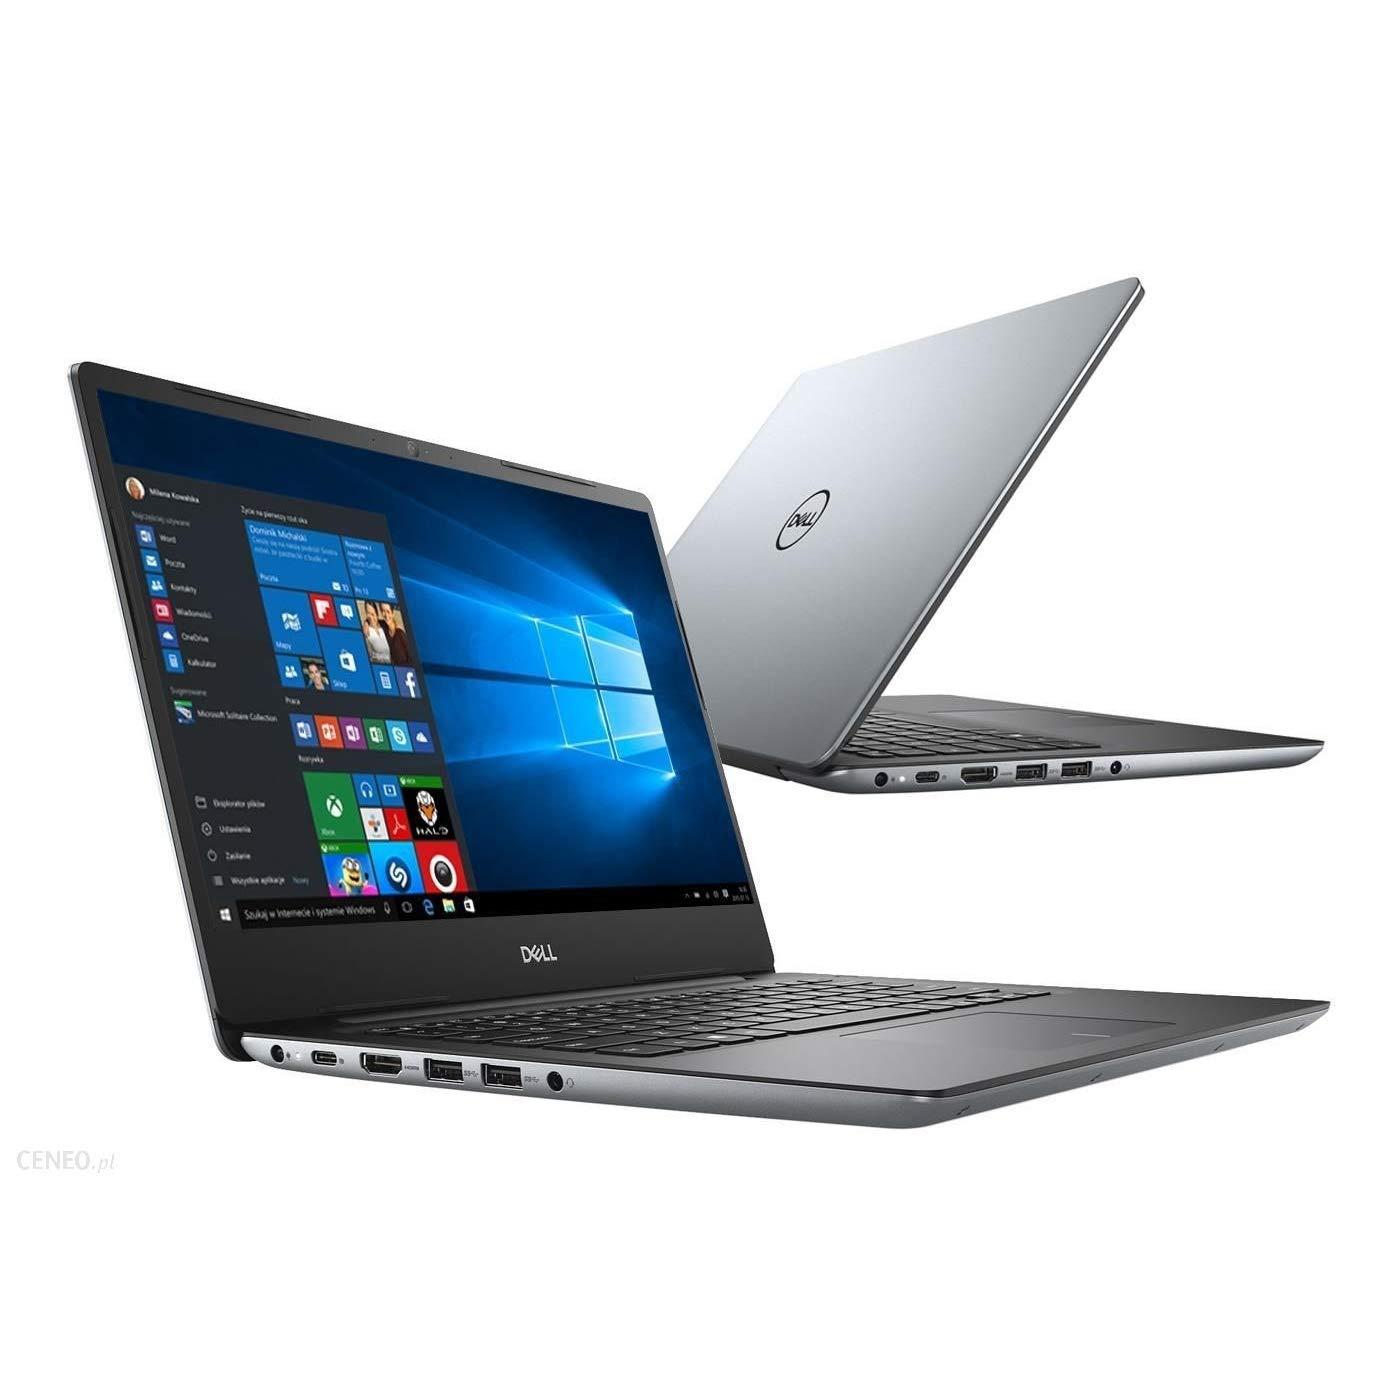 Dell Vostro 5481-70175946 (Urban Gray)   i7-8565U   8GB DDR4   SSD 128GB + 1TB HDD   GeForce MX130 2GB   14.0 FHD IPS   Win10 + Office365 >>> Deal giá mua, Trả góp 0%